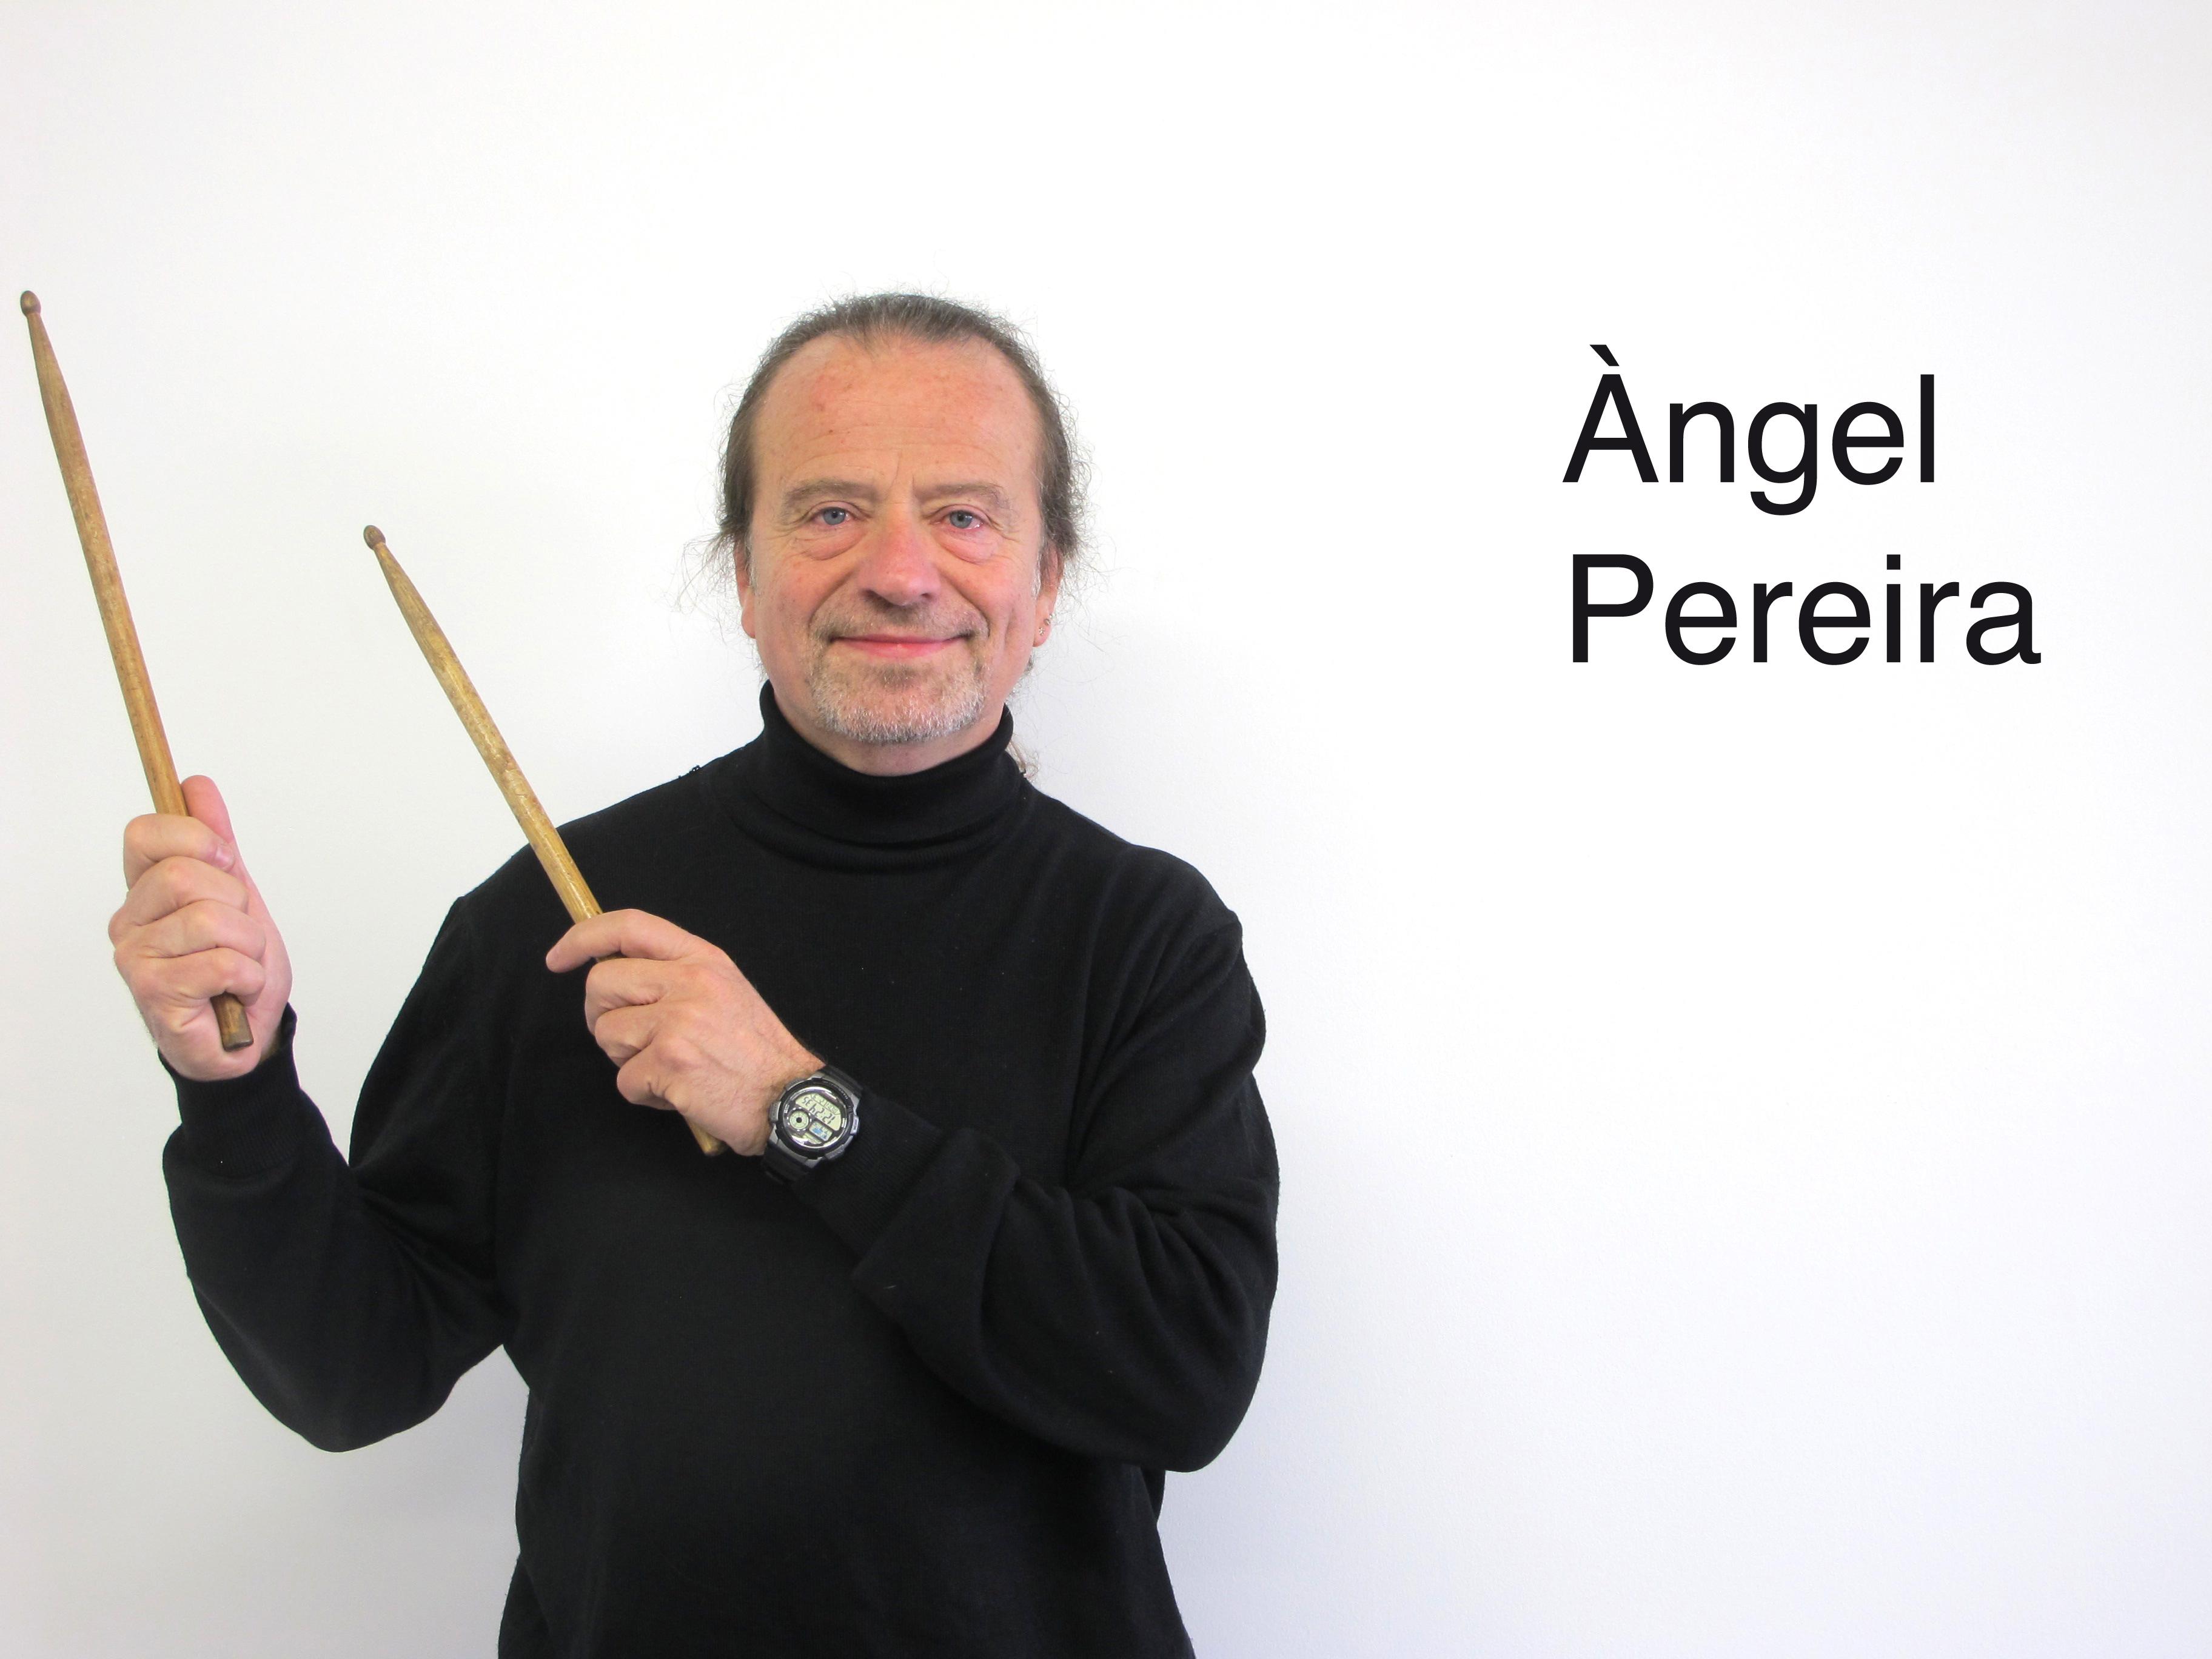 Àngel Pereira